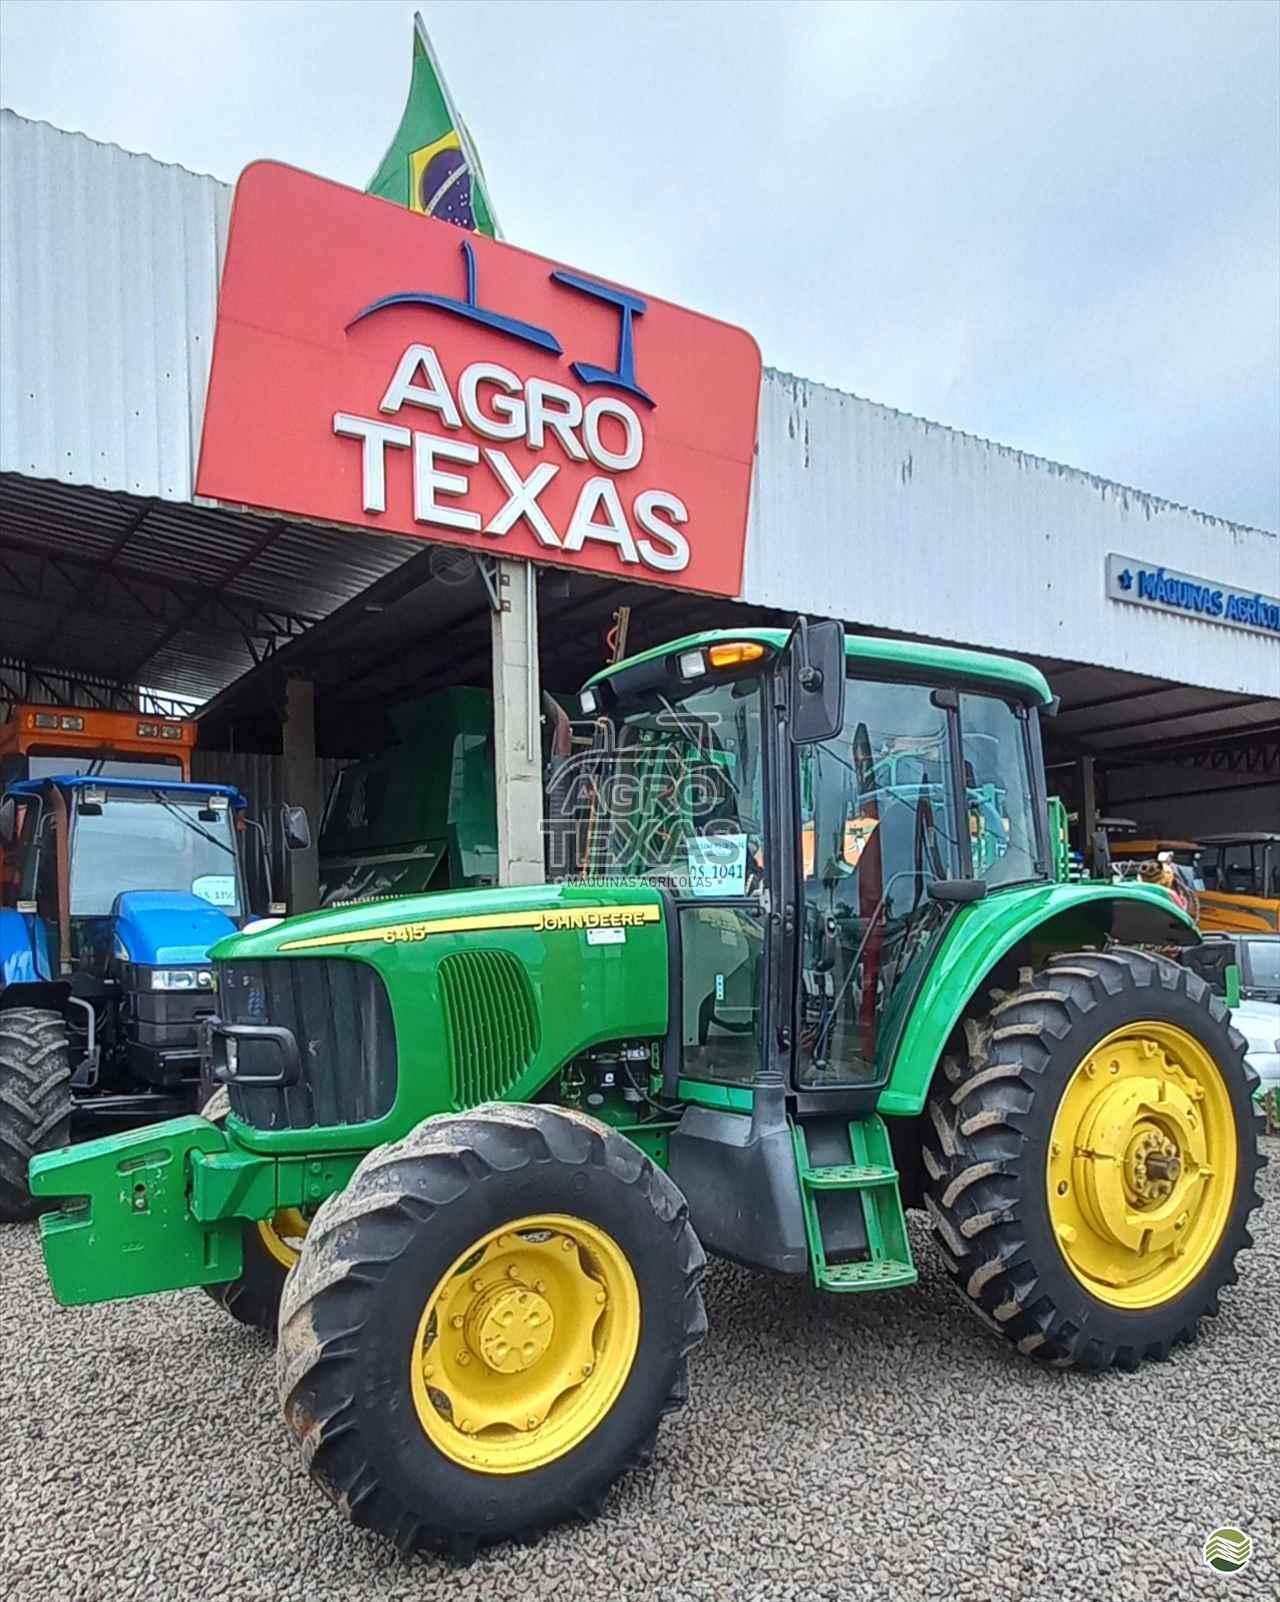 TRATOR JOHN DEERE JOHN DEERE 6415 Tração 4x4 Agro Texas Máquinas Agrícolas VITORINO PARANÁ PR